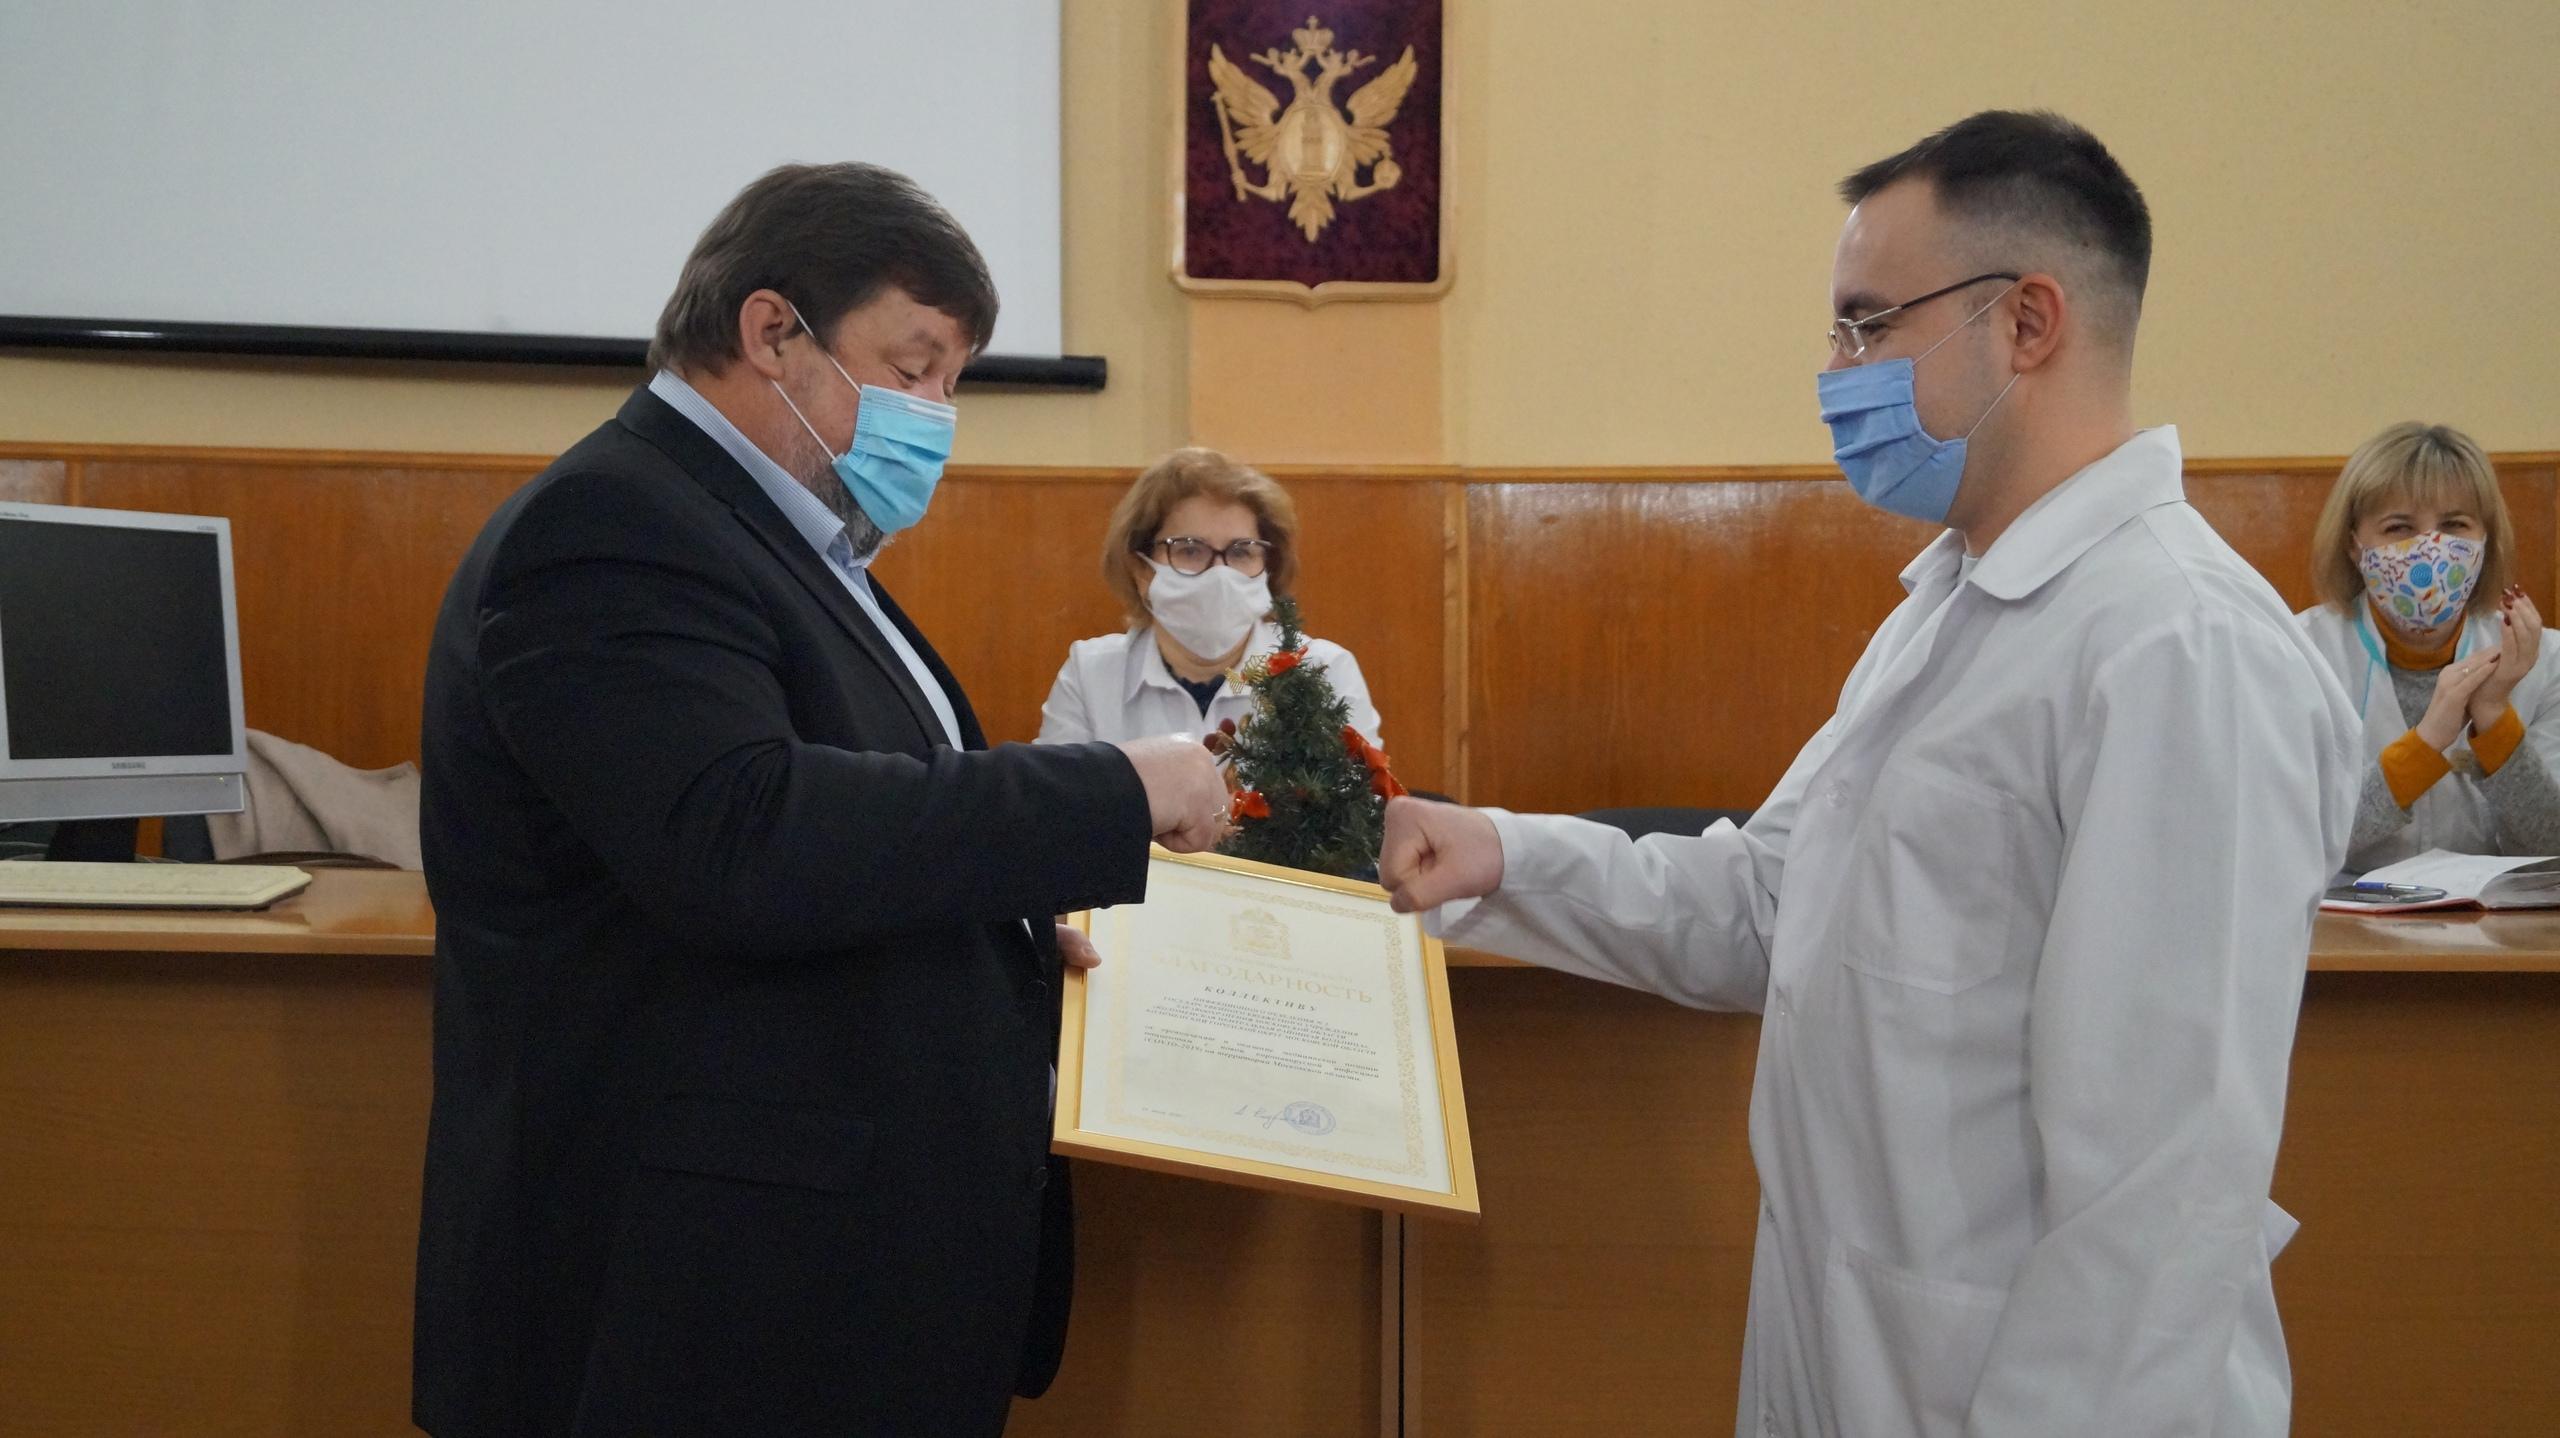 Врачей Коломенской ЦРБ наградили в преддверии Нового года